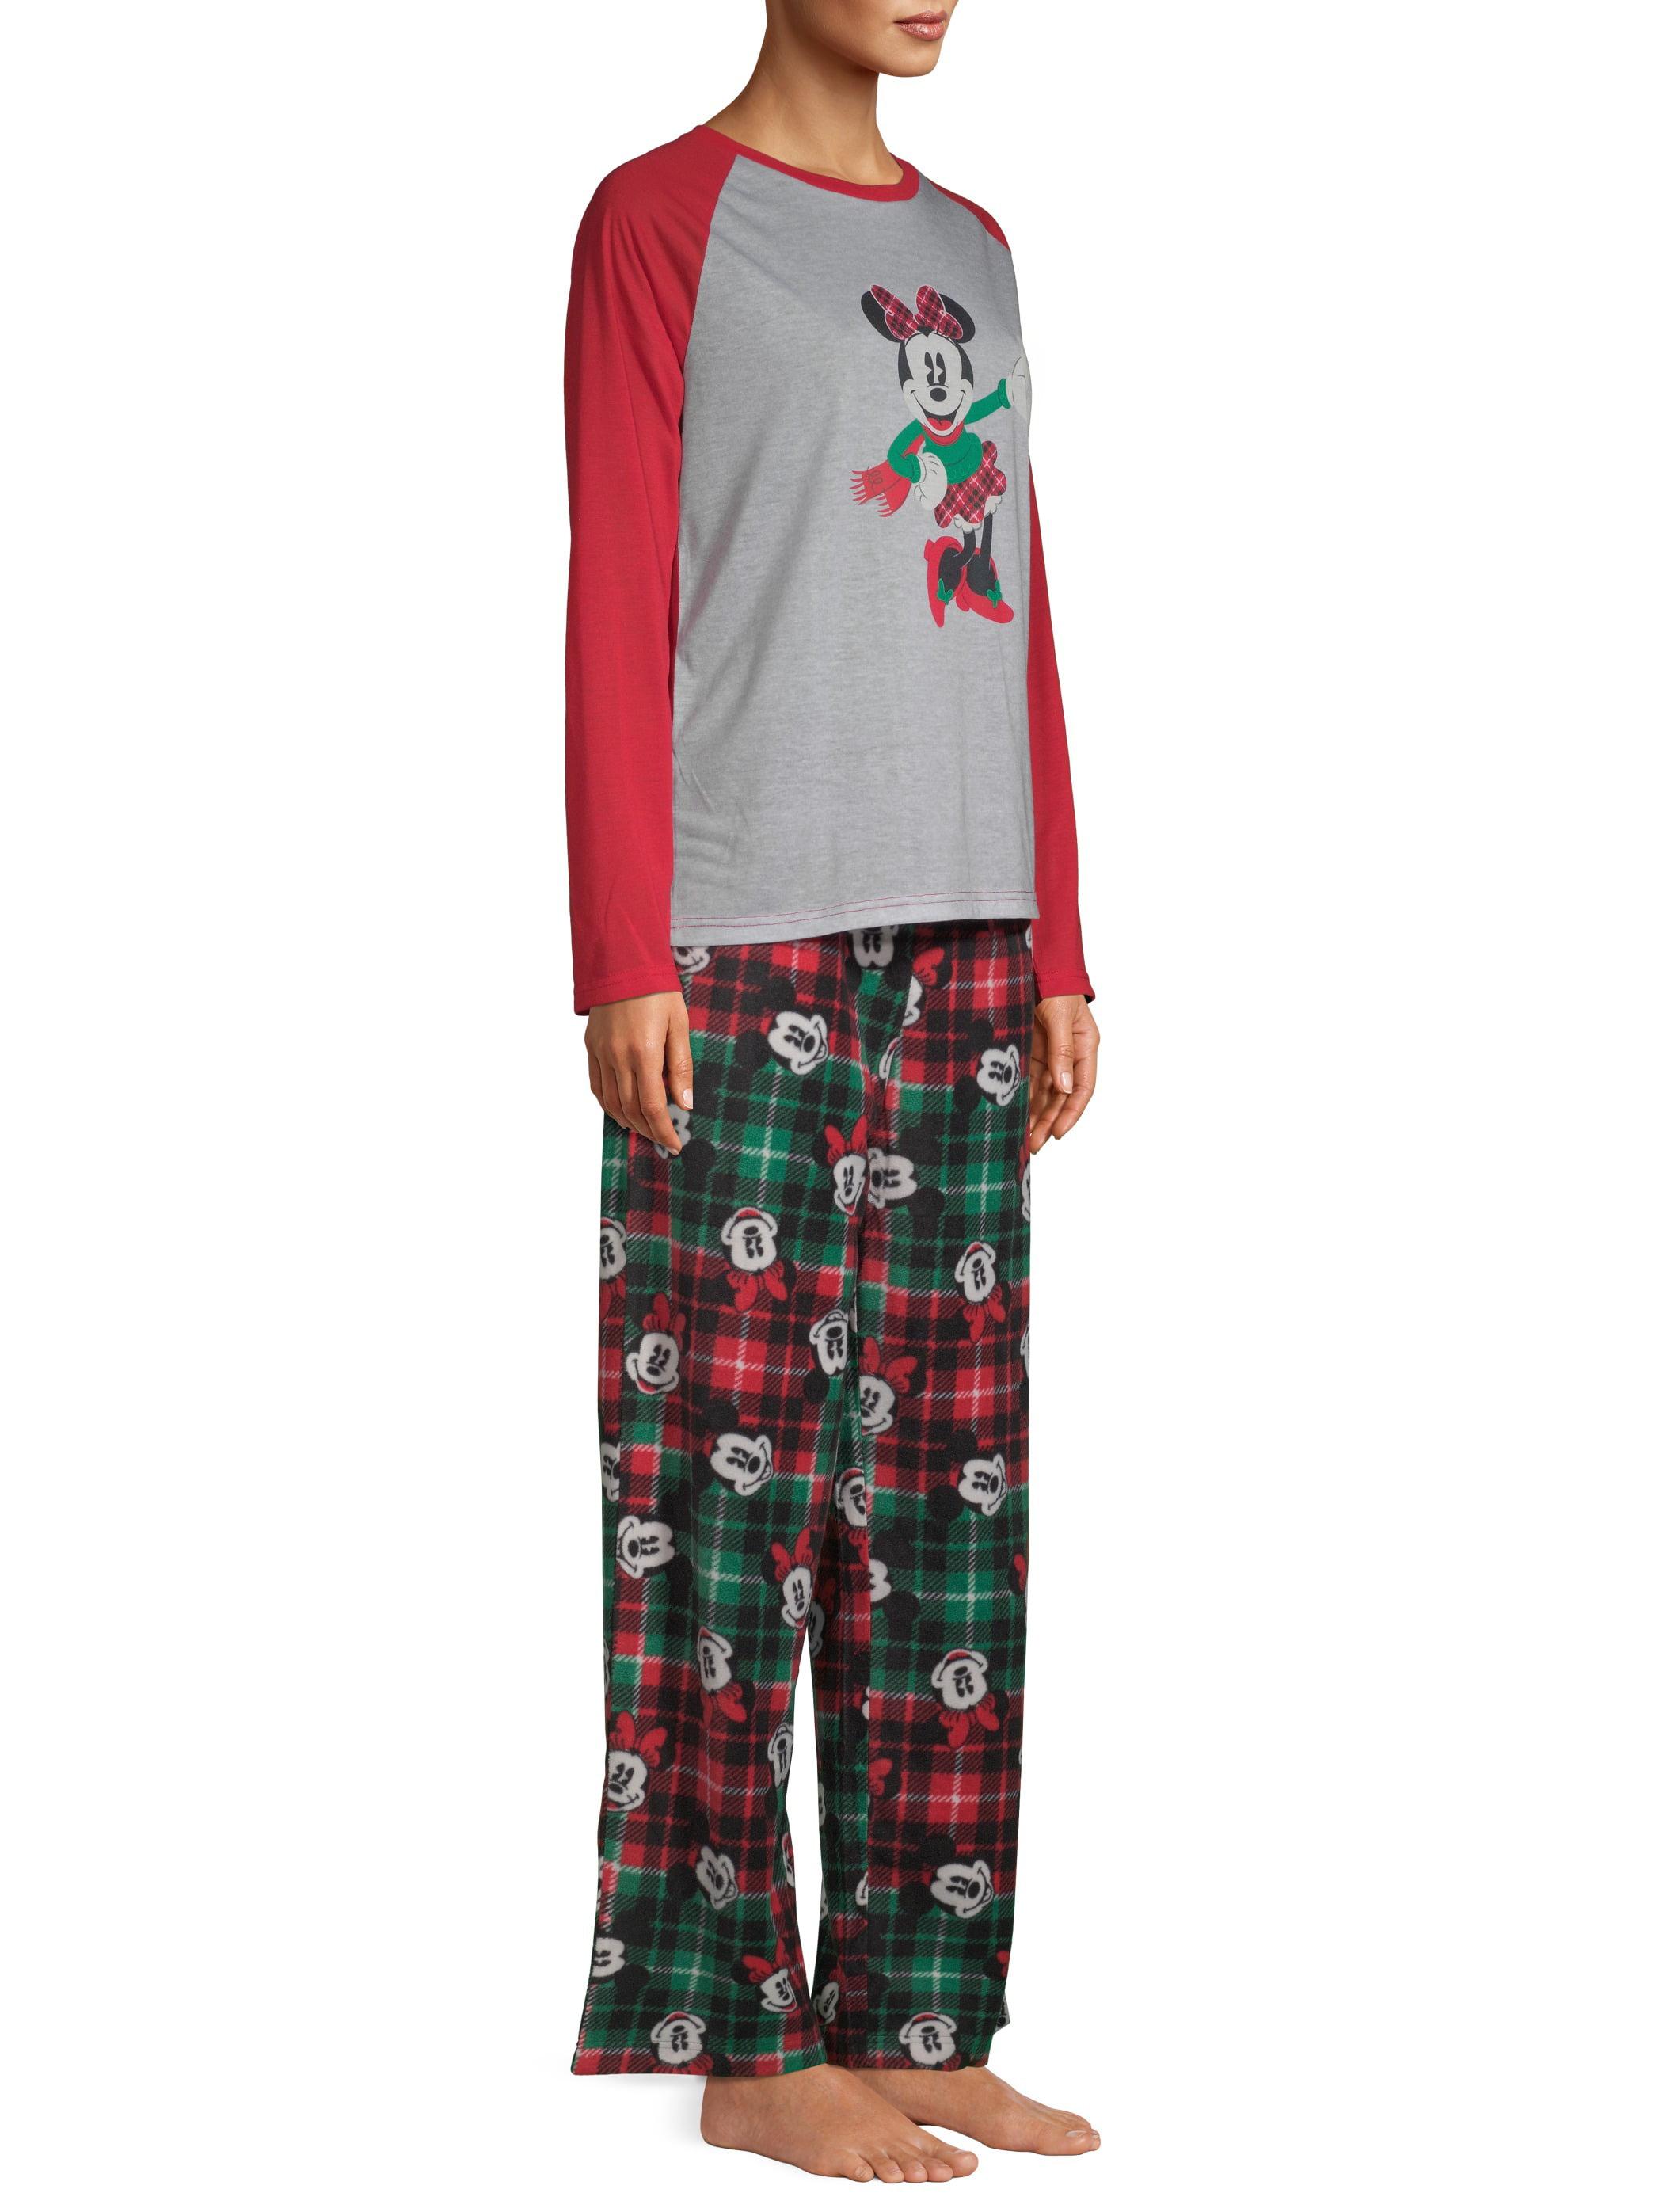 Christmas Pajamas Womens.Disney Matching Family Christmas Pajamas Womens And Womens